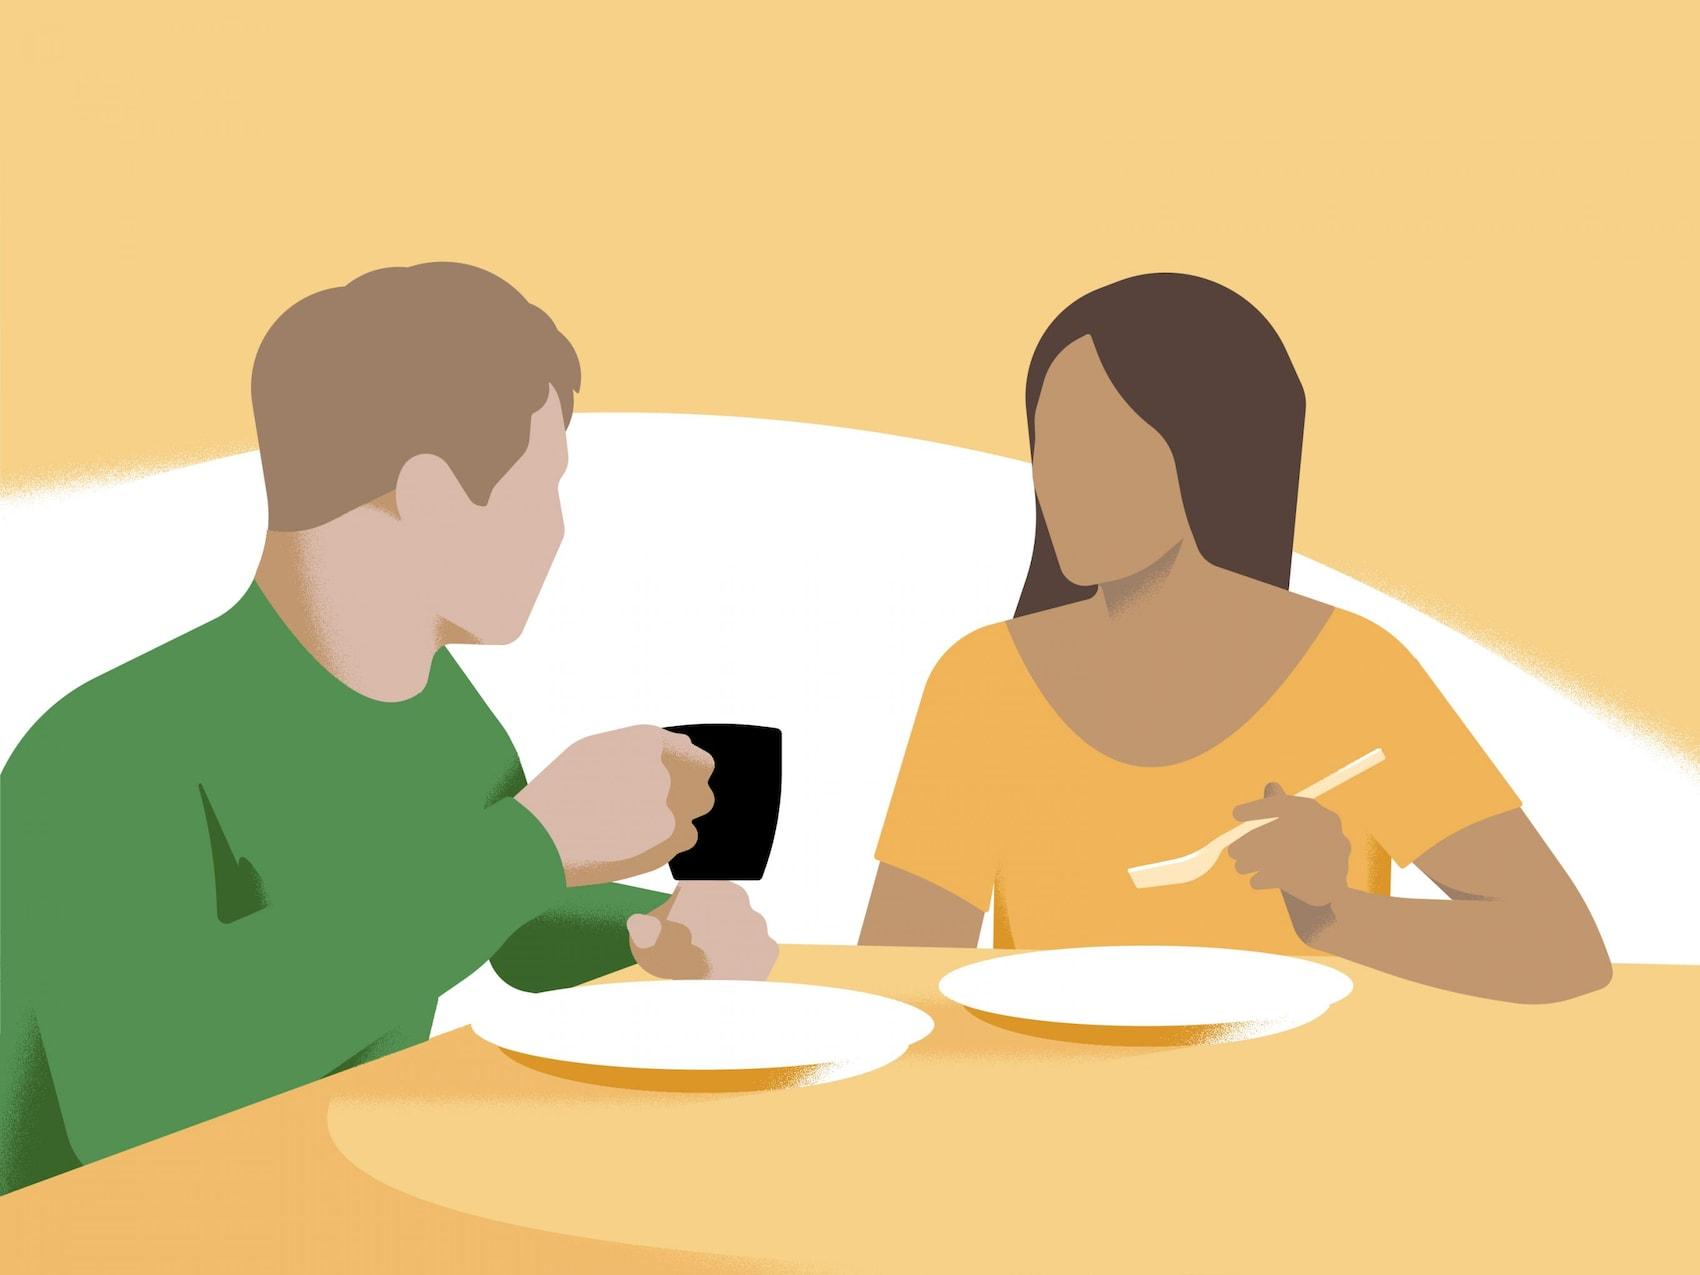 Zwei Personen sitzen zum Essen an einem Tisch.